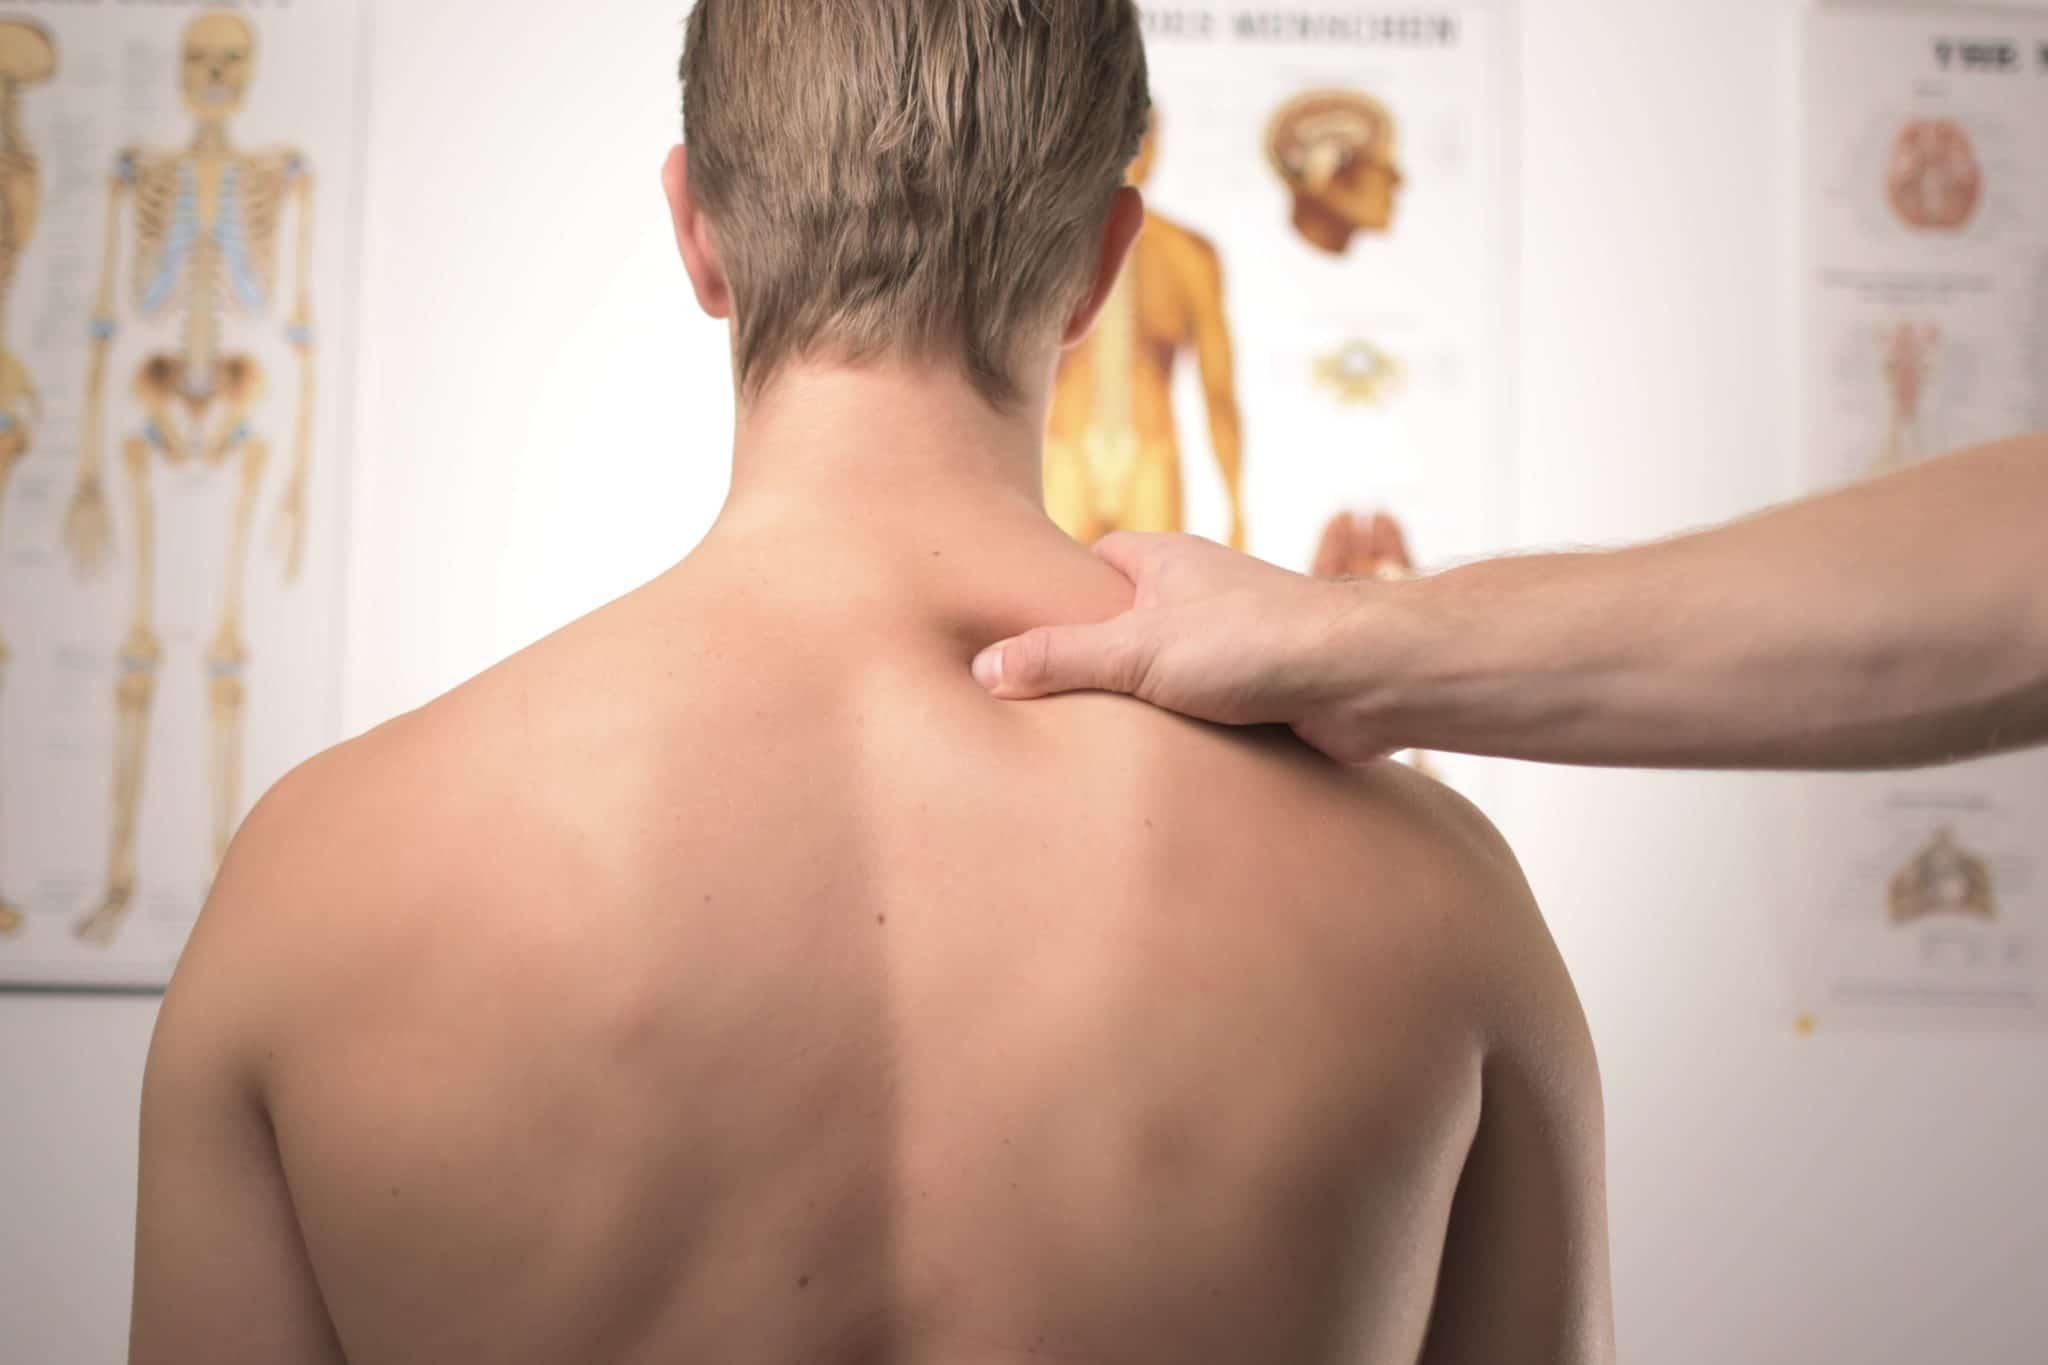 Comment muscler et développer son cou rapidement?